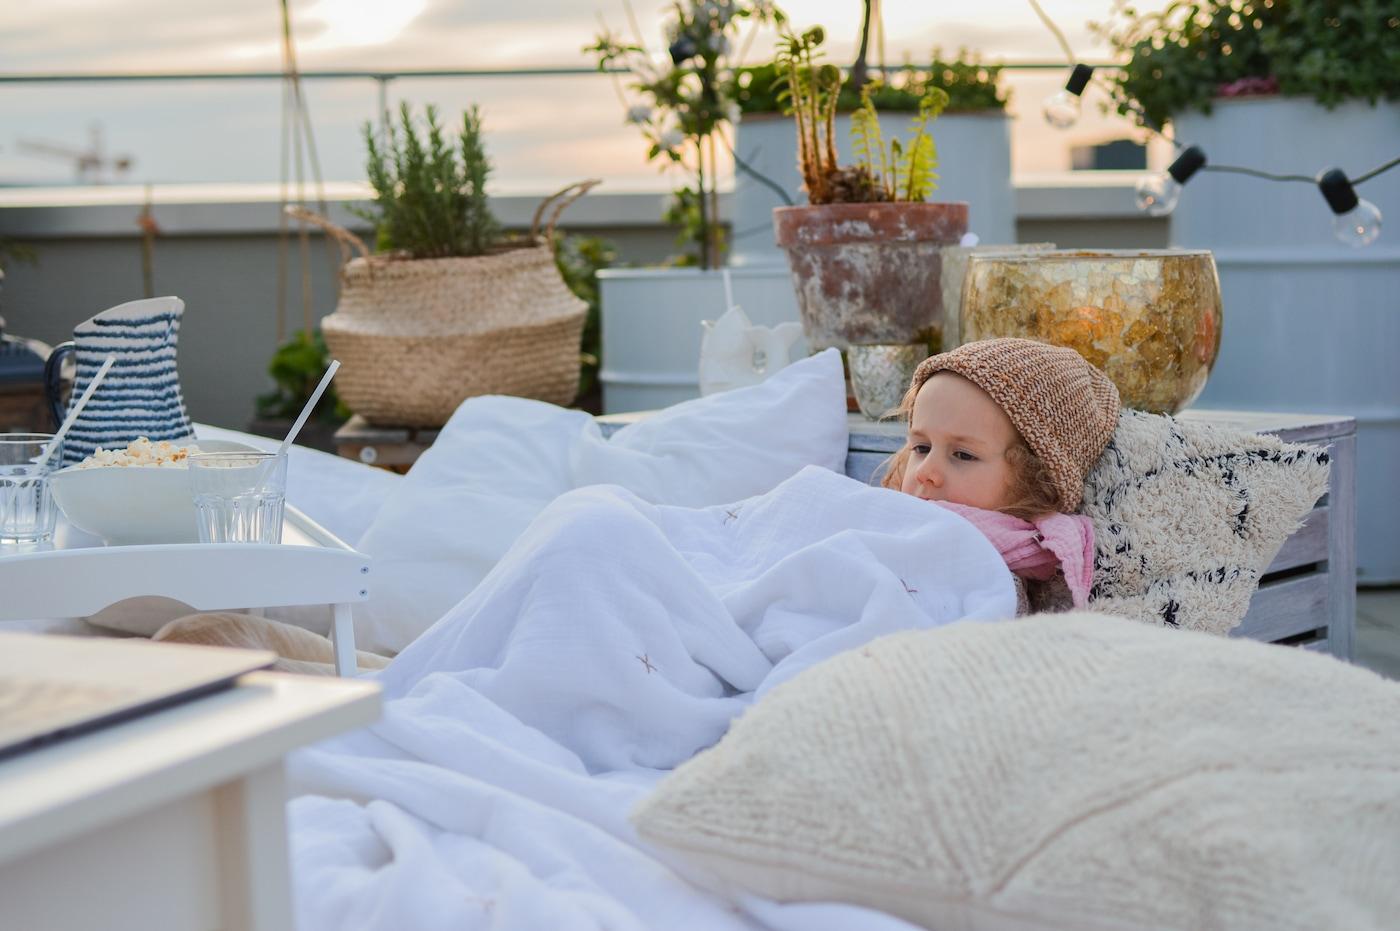 So verwandelst du deine Dachterrasse in ein Kino für Kinder